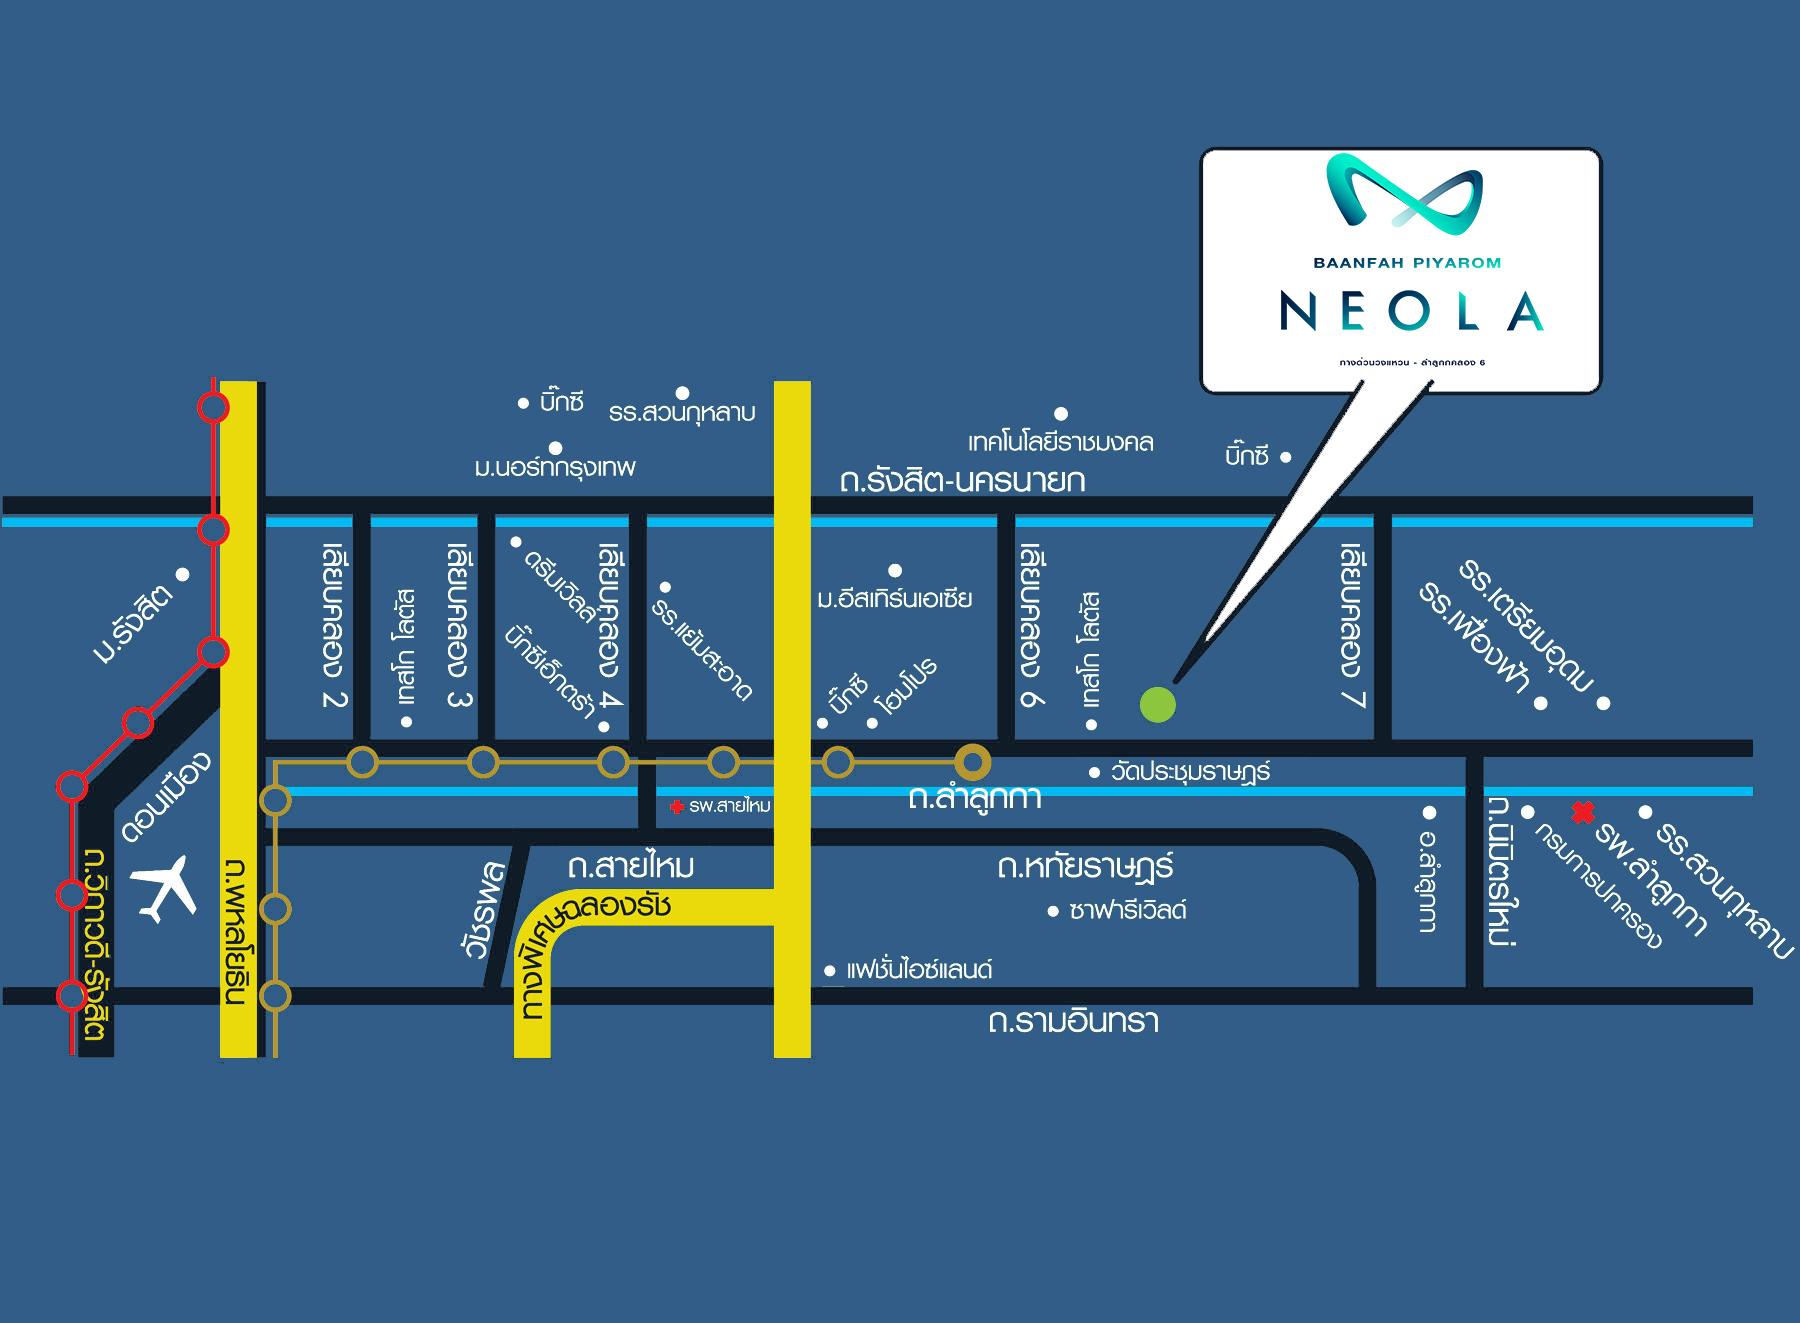 แผนที่ บ้านฟ้าปิยรมย์ นีโอลา